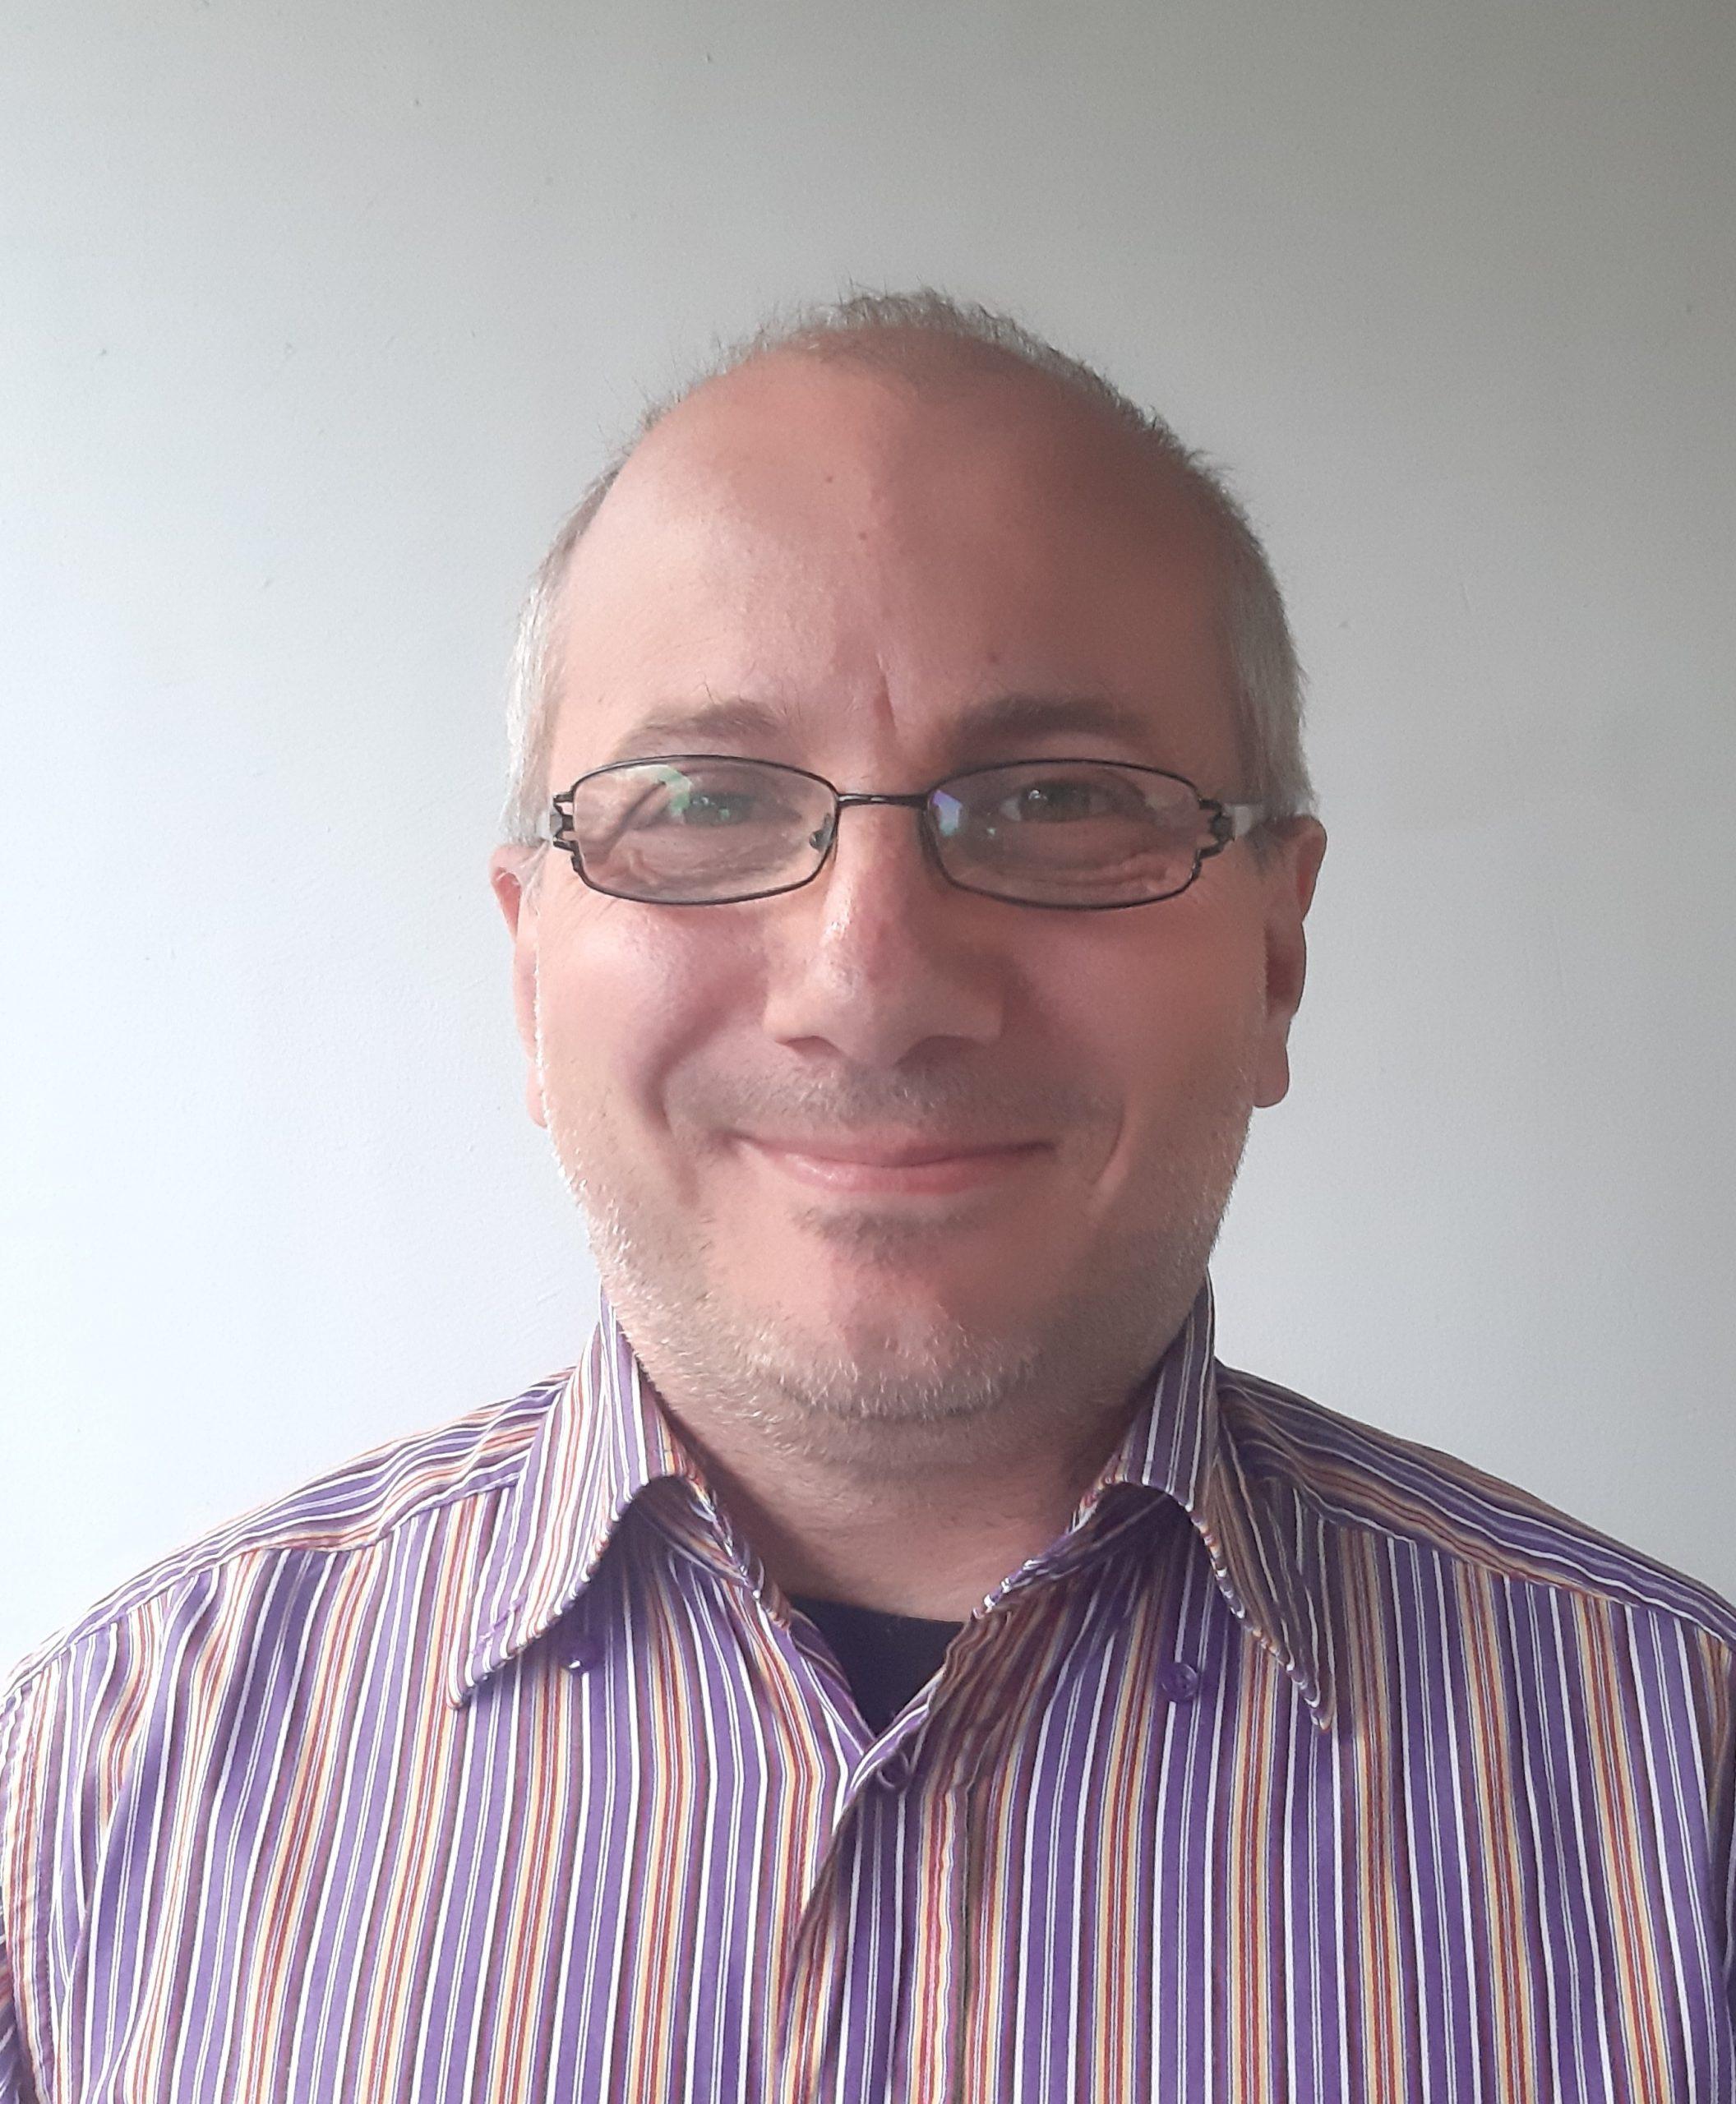 photo of Antonio Napoli Project Coordinator and Leader, Advanced Research Topics, OIF Representative